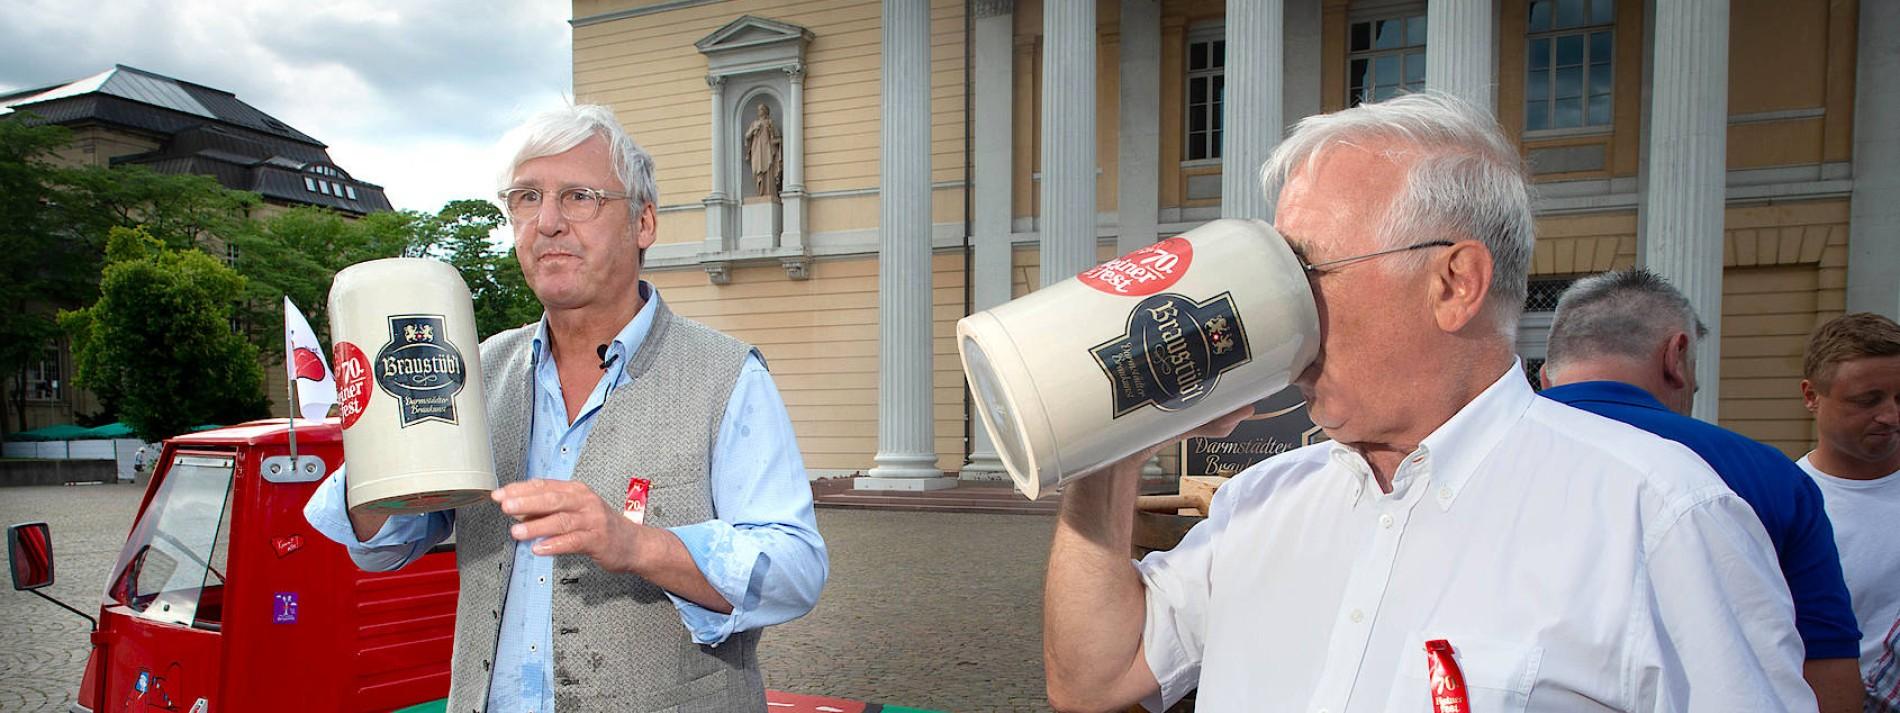 Nach Schlossgrabenfest auch Heinerfest abgesagt